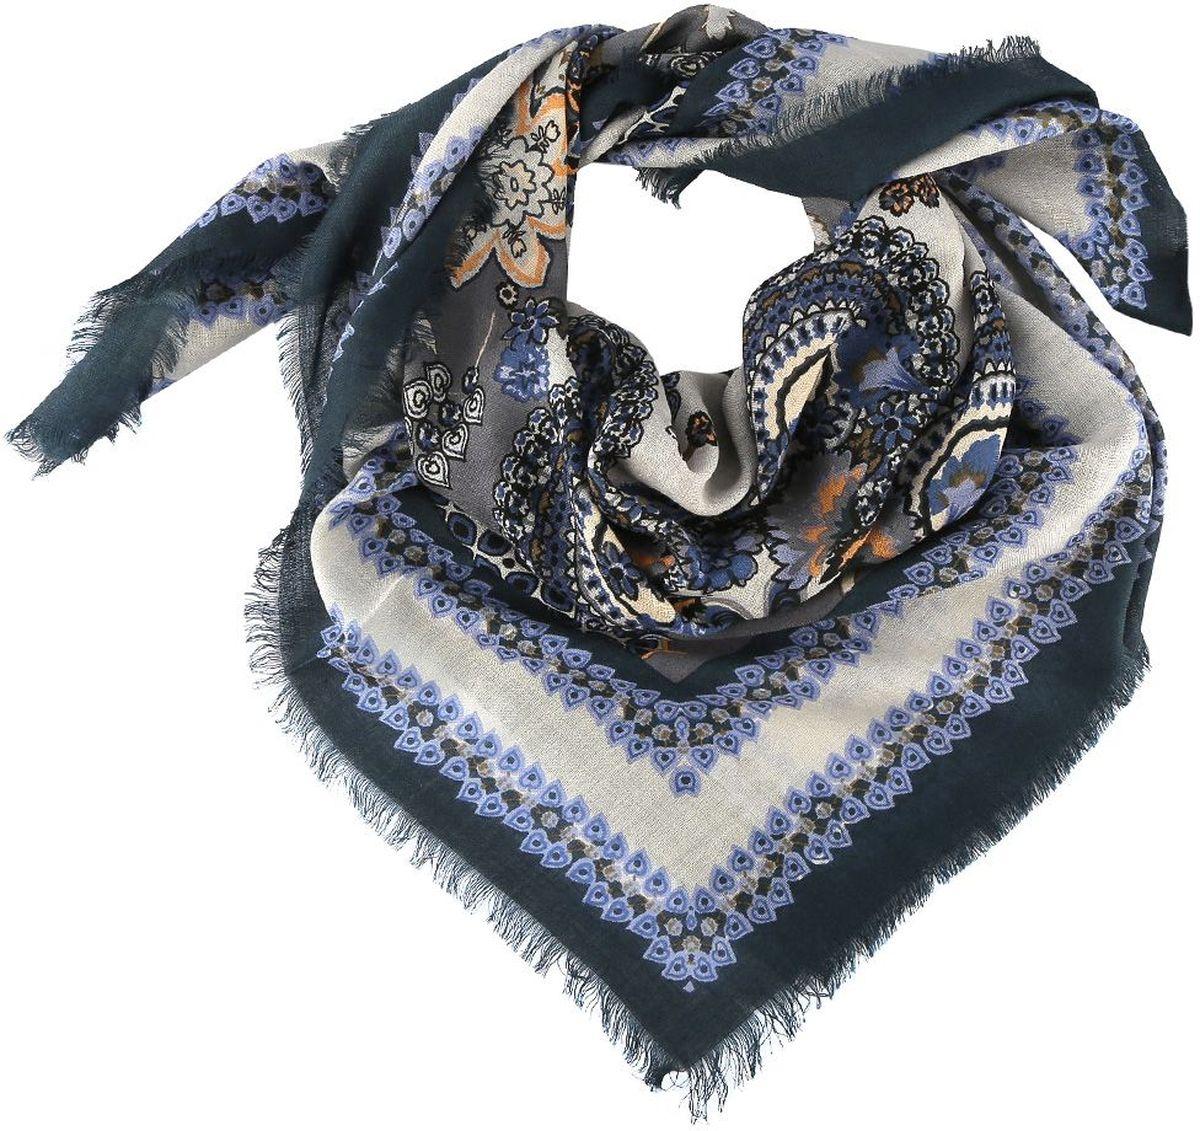 Платок Fabretti, цвет: синий, серый. 1311019-1. Размер 106 см х 106 см1311019-1Стильный женский платок Fabretti - добавит в ваш образ нотку романтики и шарма, а также подчеркнет безупречный вкус. Прекрасное завершение вашего образа.